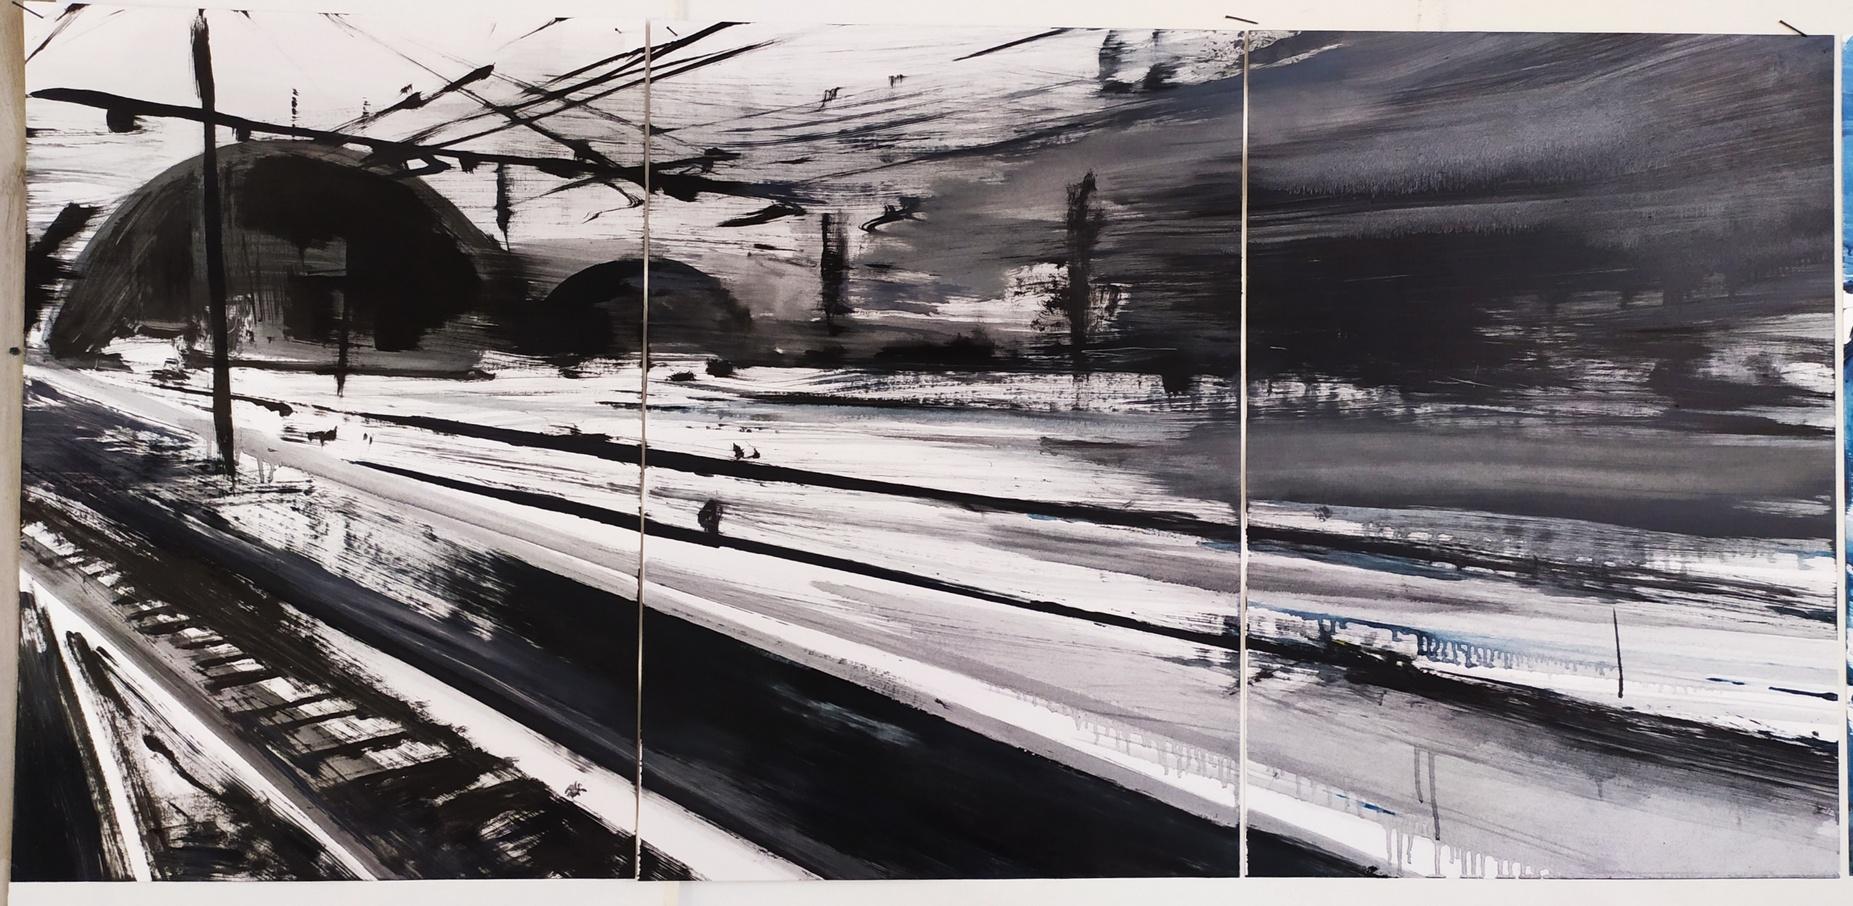 2019 Stazione Centrale trittico 50x105cm olio su carta 5